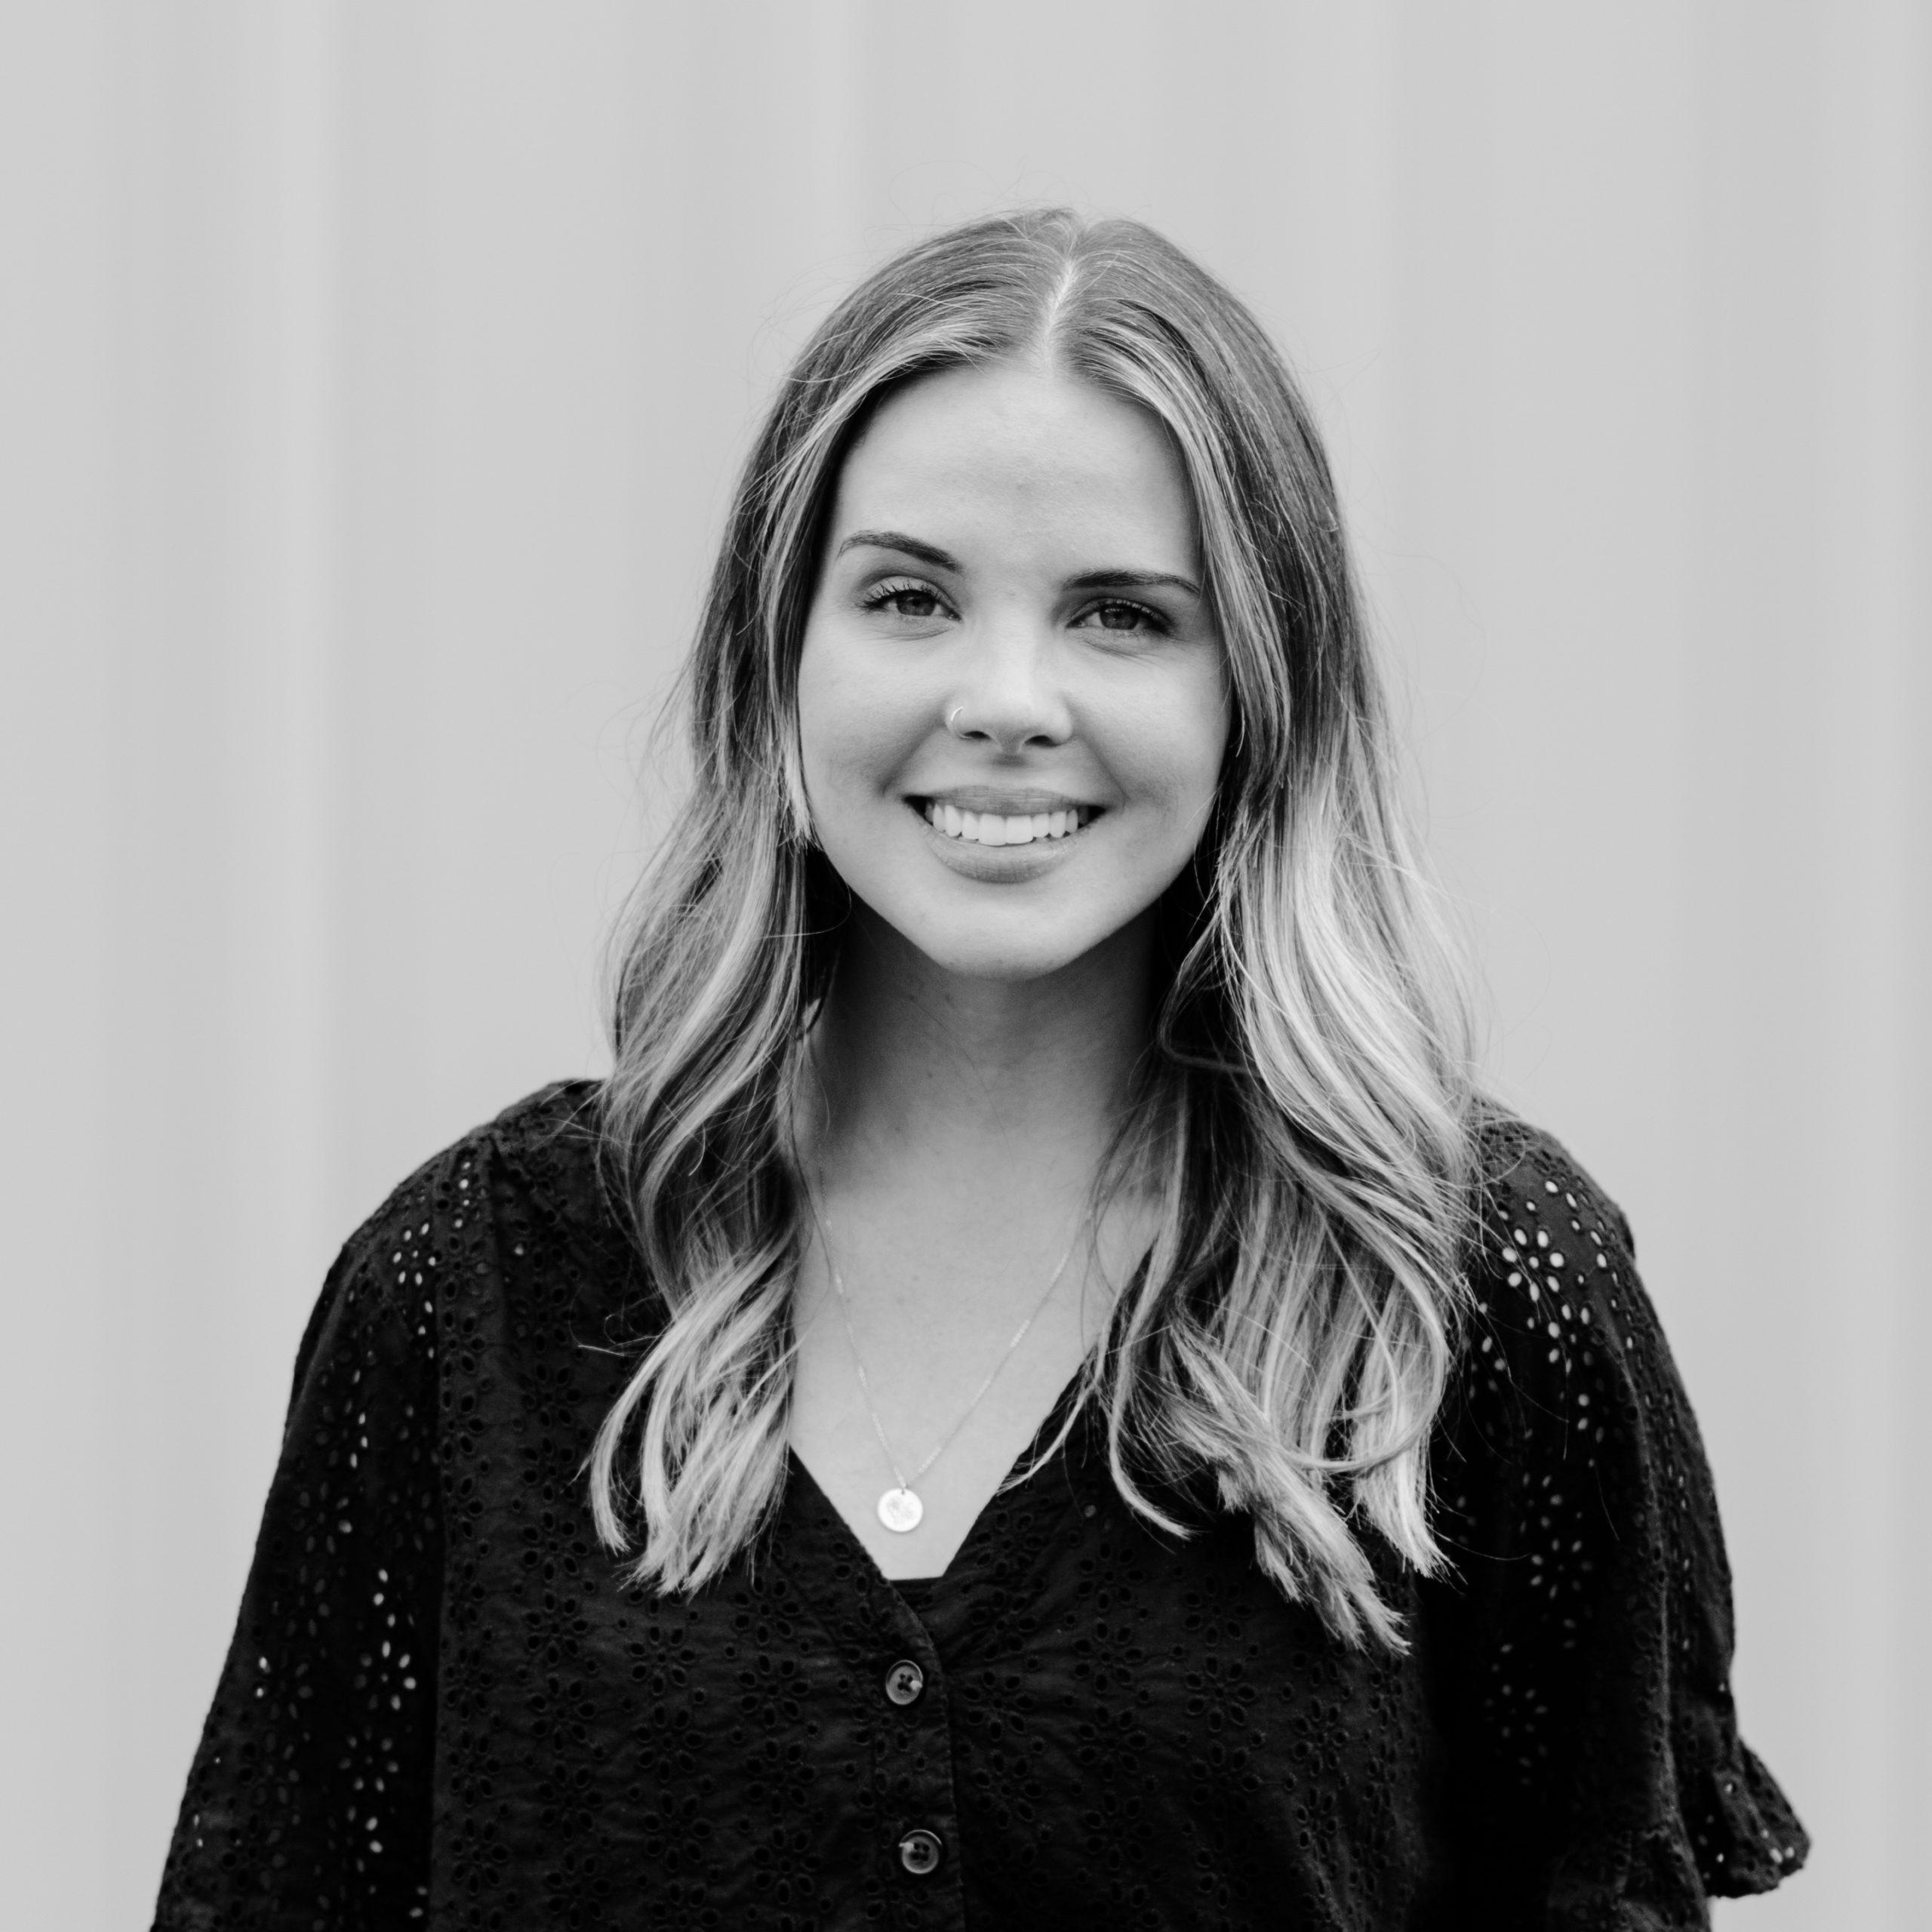 Amber Callison